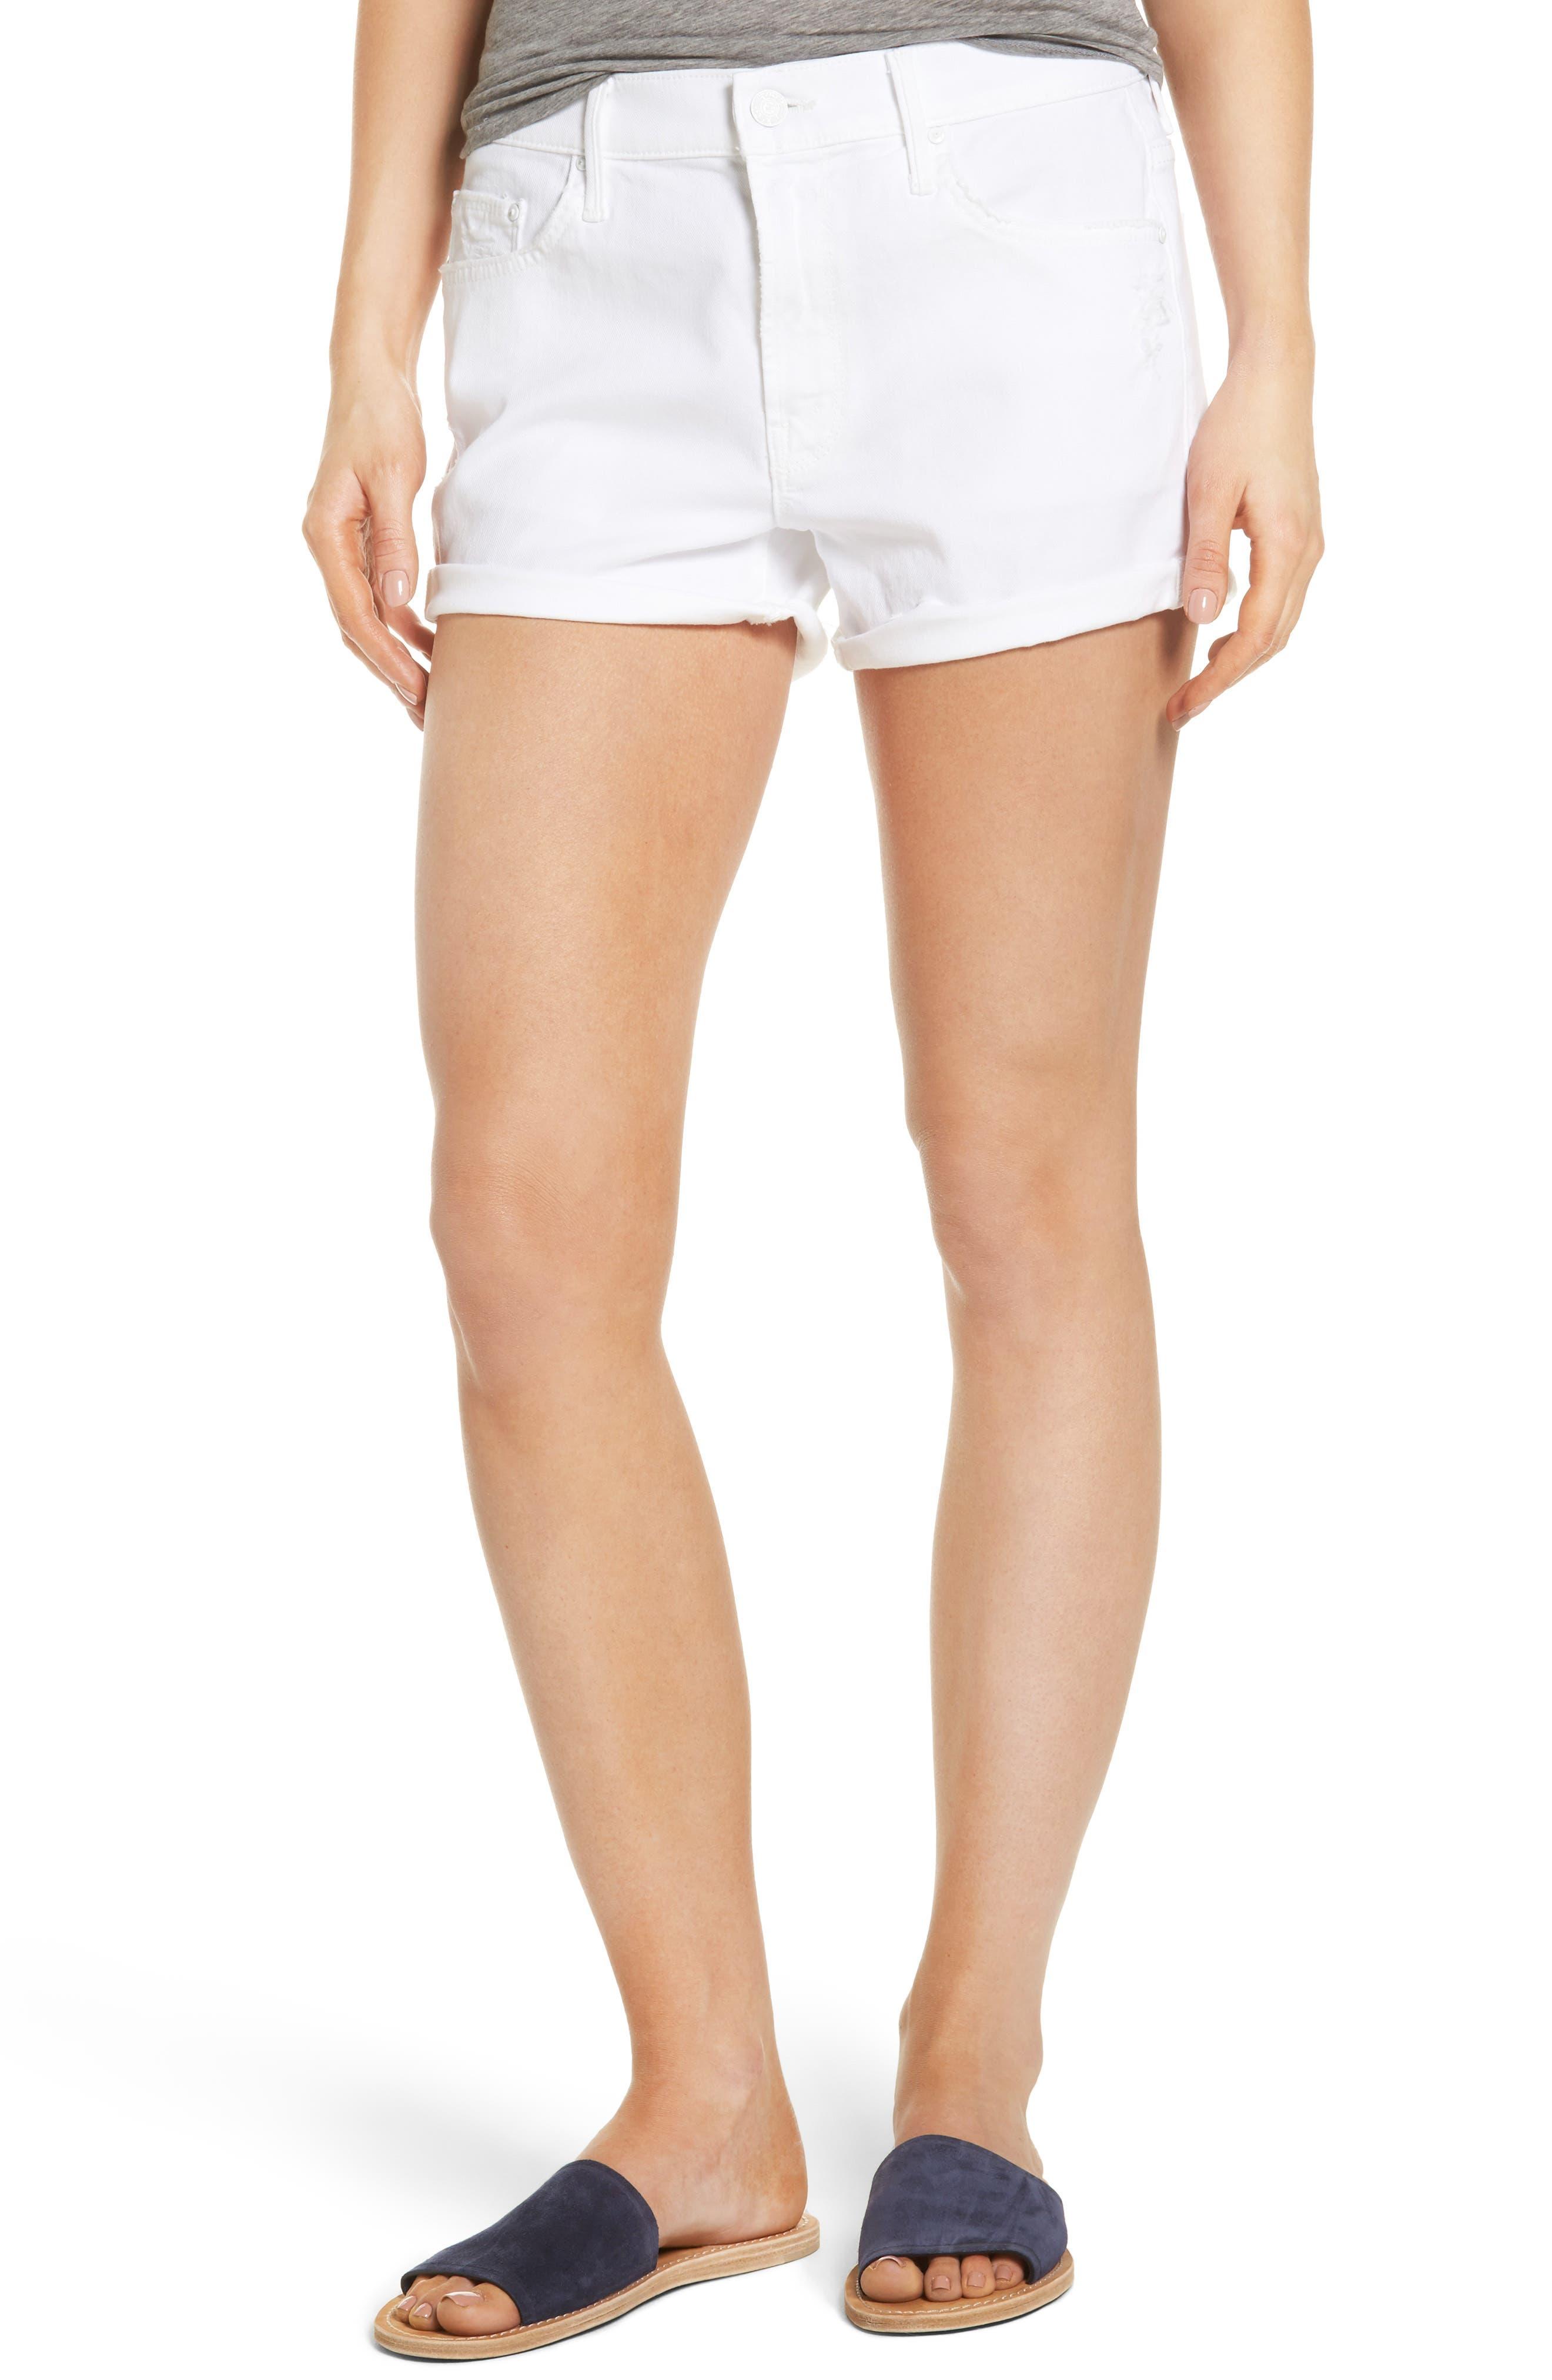 MOTHER Teaser Roller Shorts (Cracked Slipper)